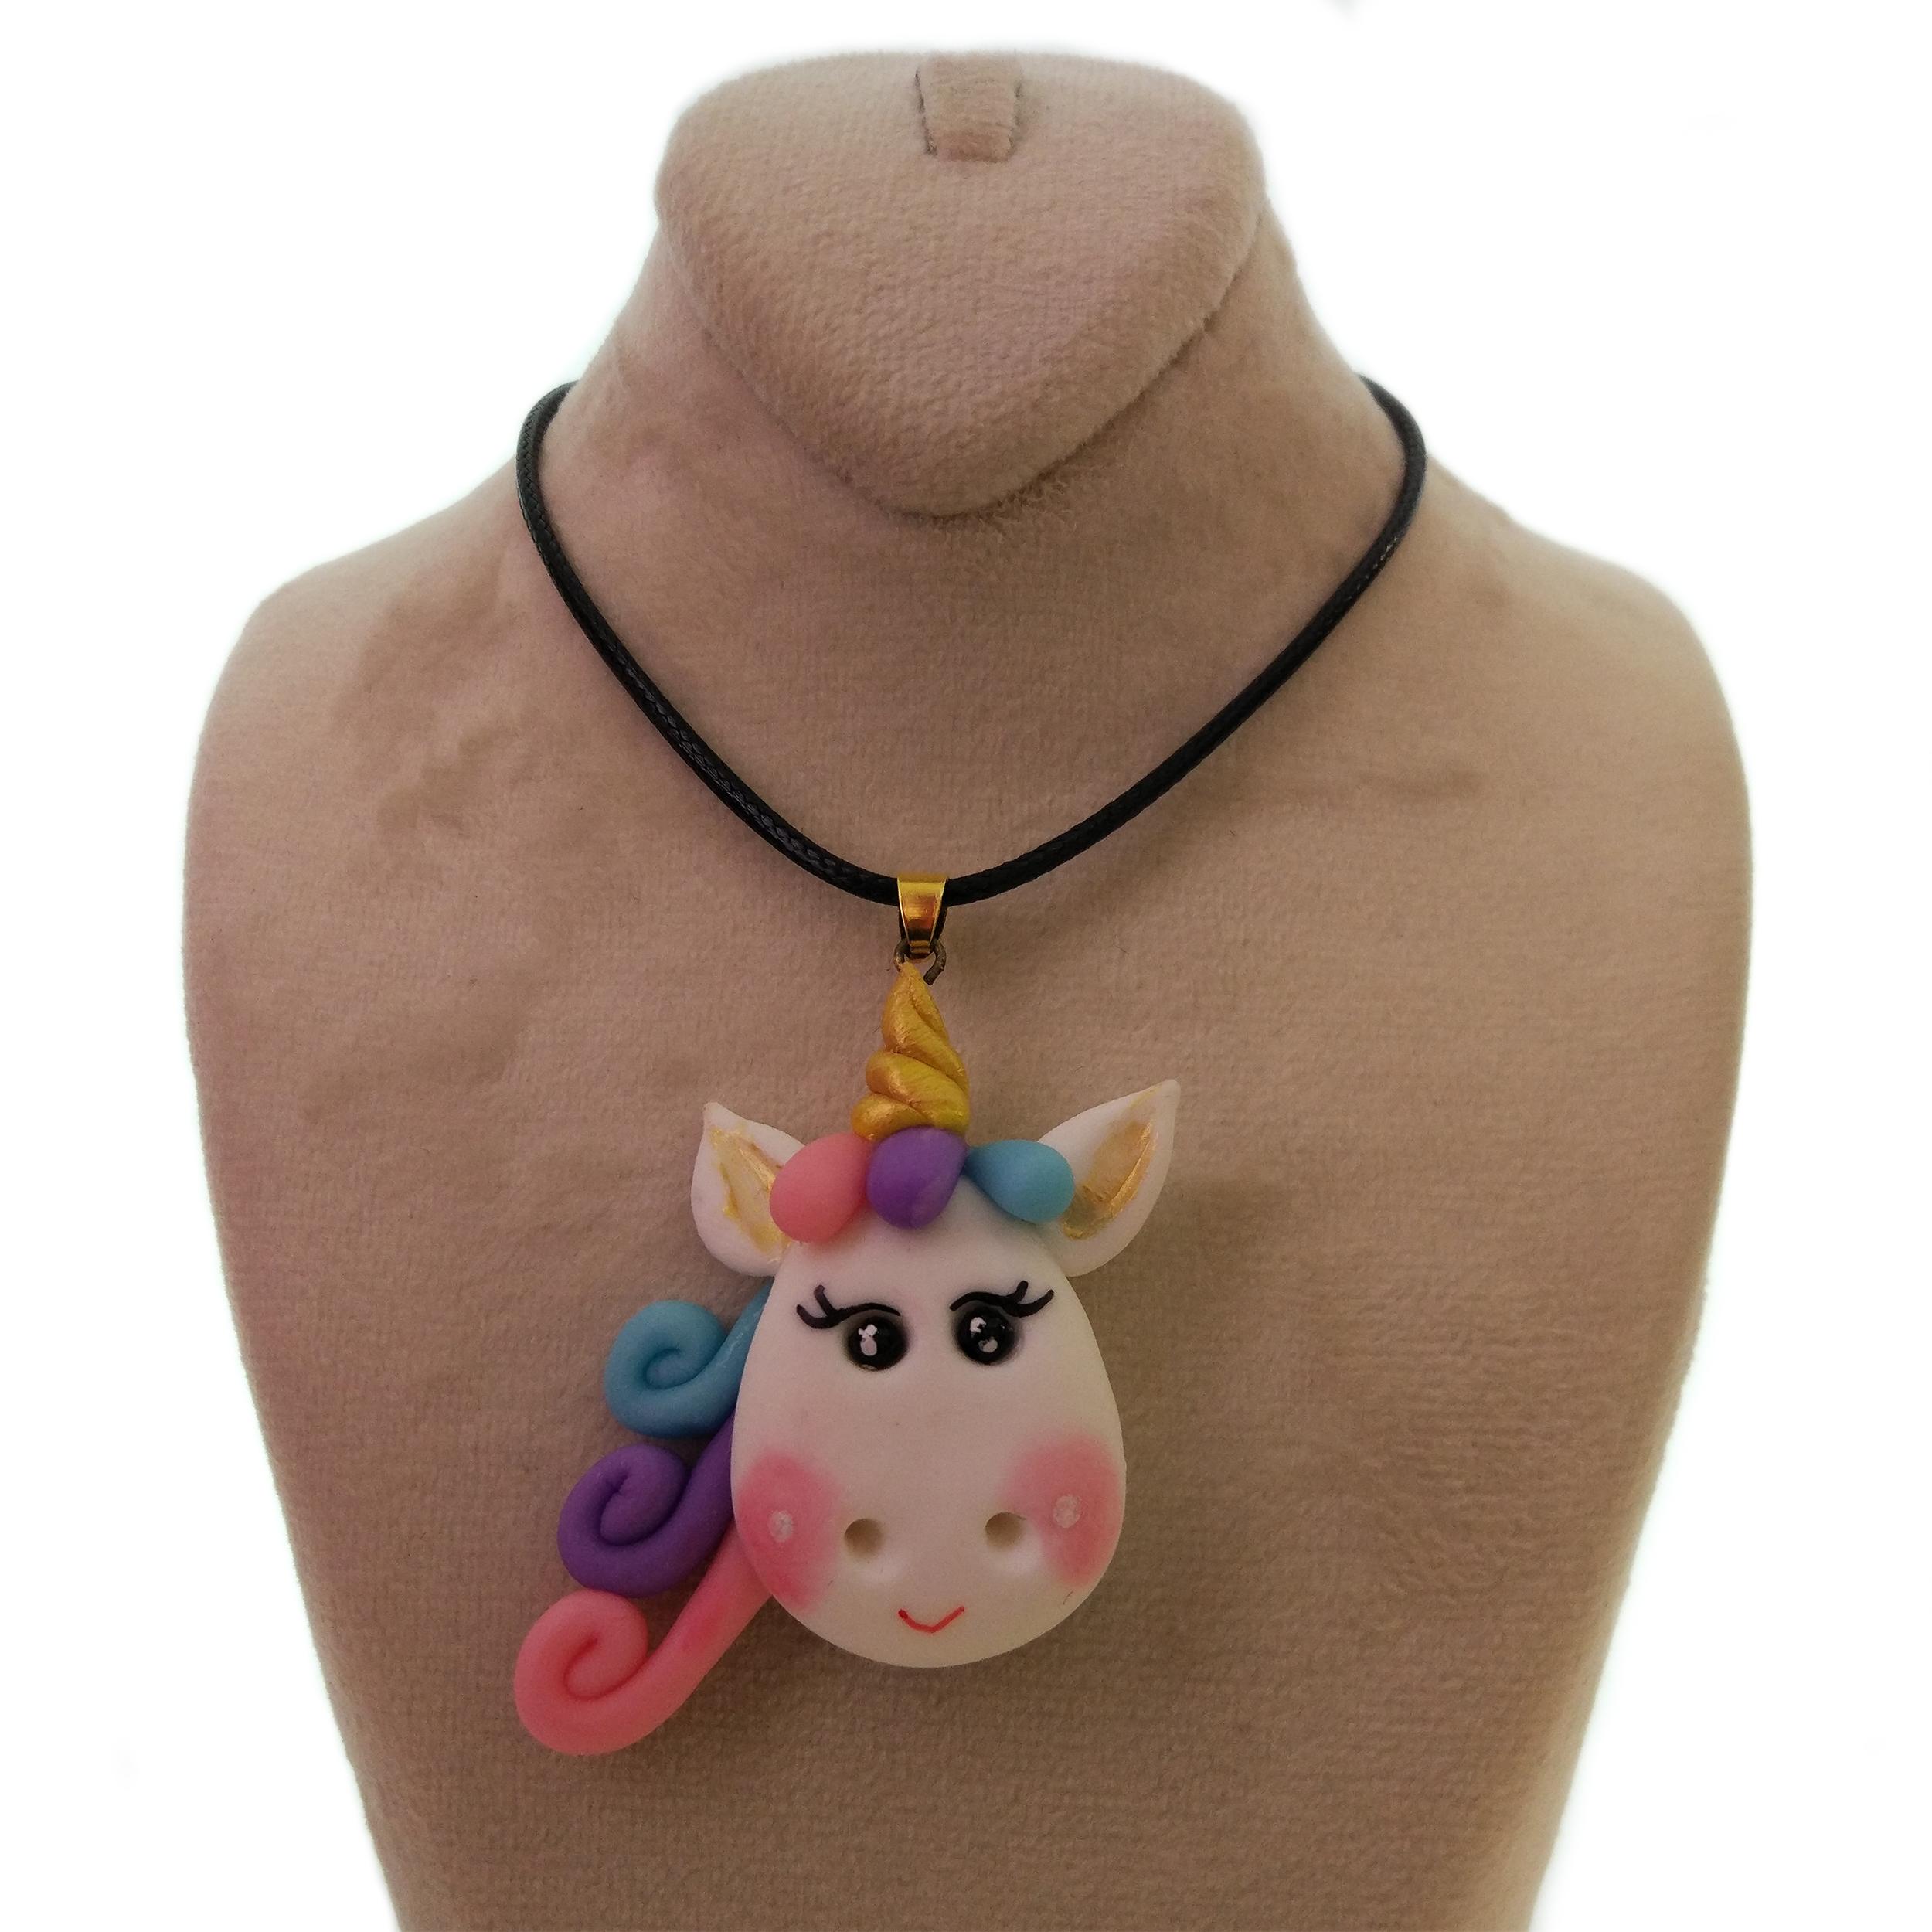 گردنبند دخترانه طرح پونی کد 002